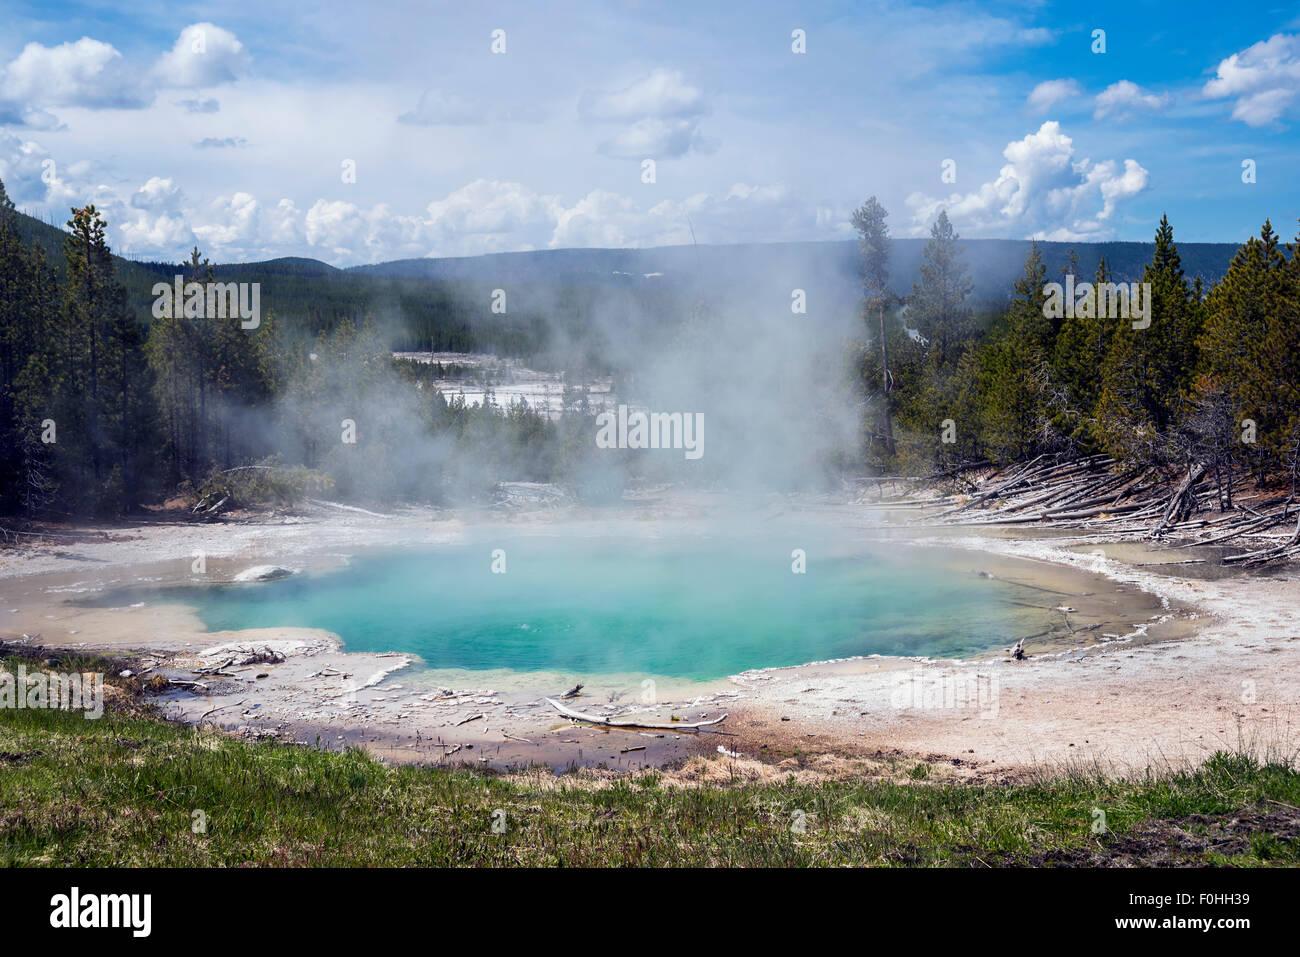 Pool im Emerald Frühling - Therme befindet sich im Norris-Geysir-Becken des Yellowstone National Park.k, Wyoming, Stockbild